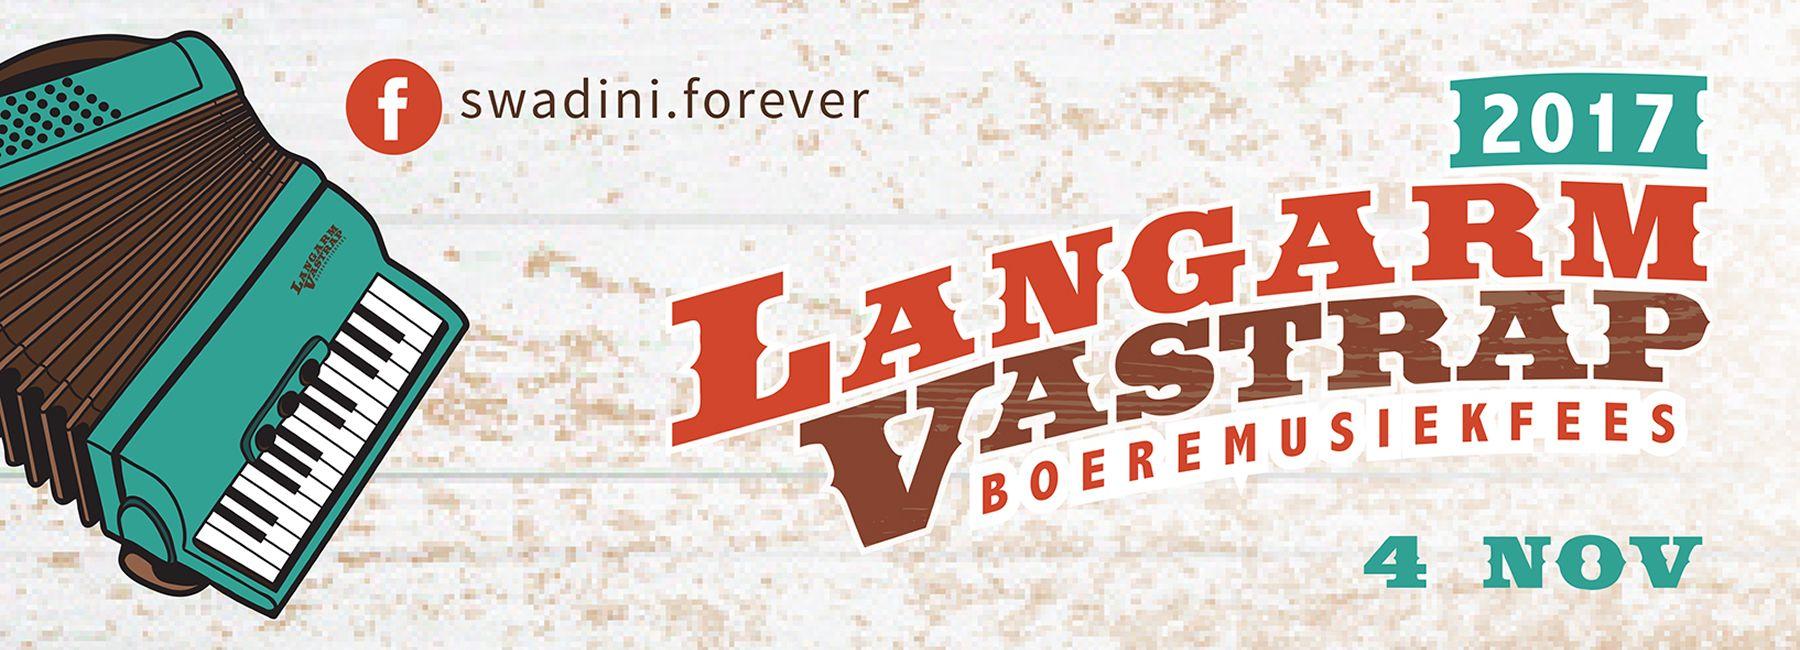 2017 Langarm Vastrap Boeremusiekfees - Swadini